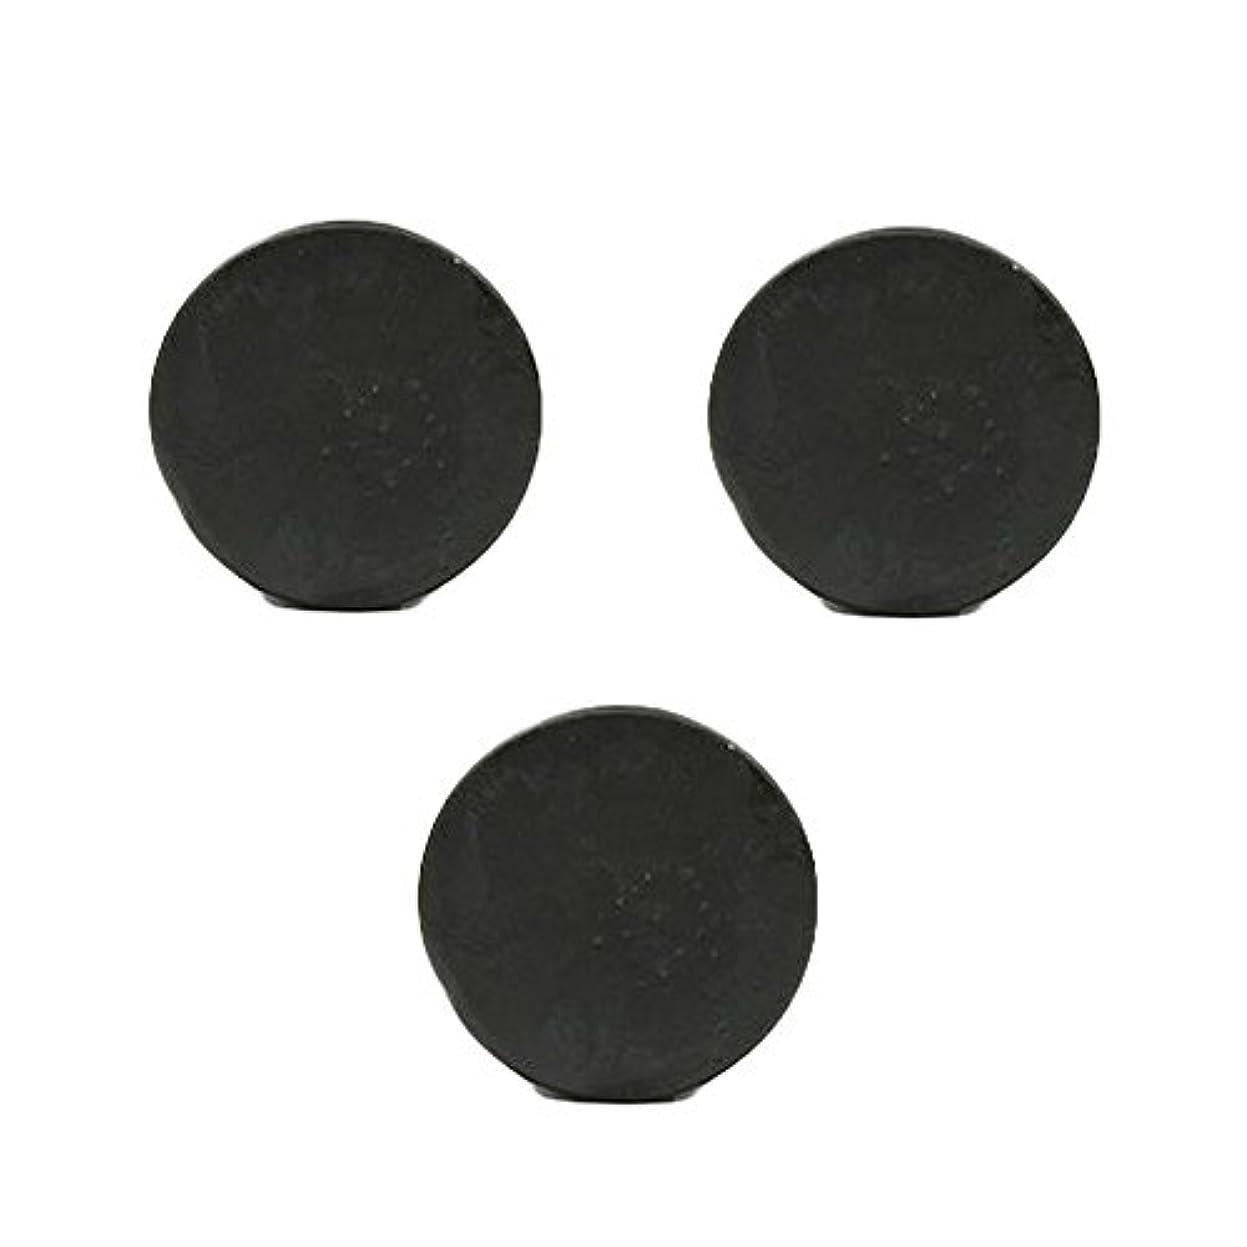 を必要としています慣らす北米薬用人参クレンジングソープ3個 / Fermented Dark Black Ginseng Cleansing Soap 3pcs[海外直送品] [並行輸入品]